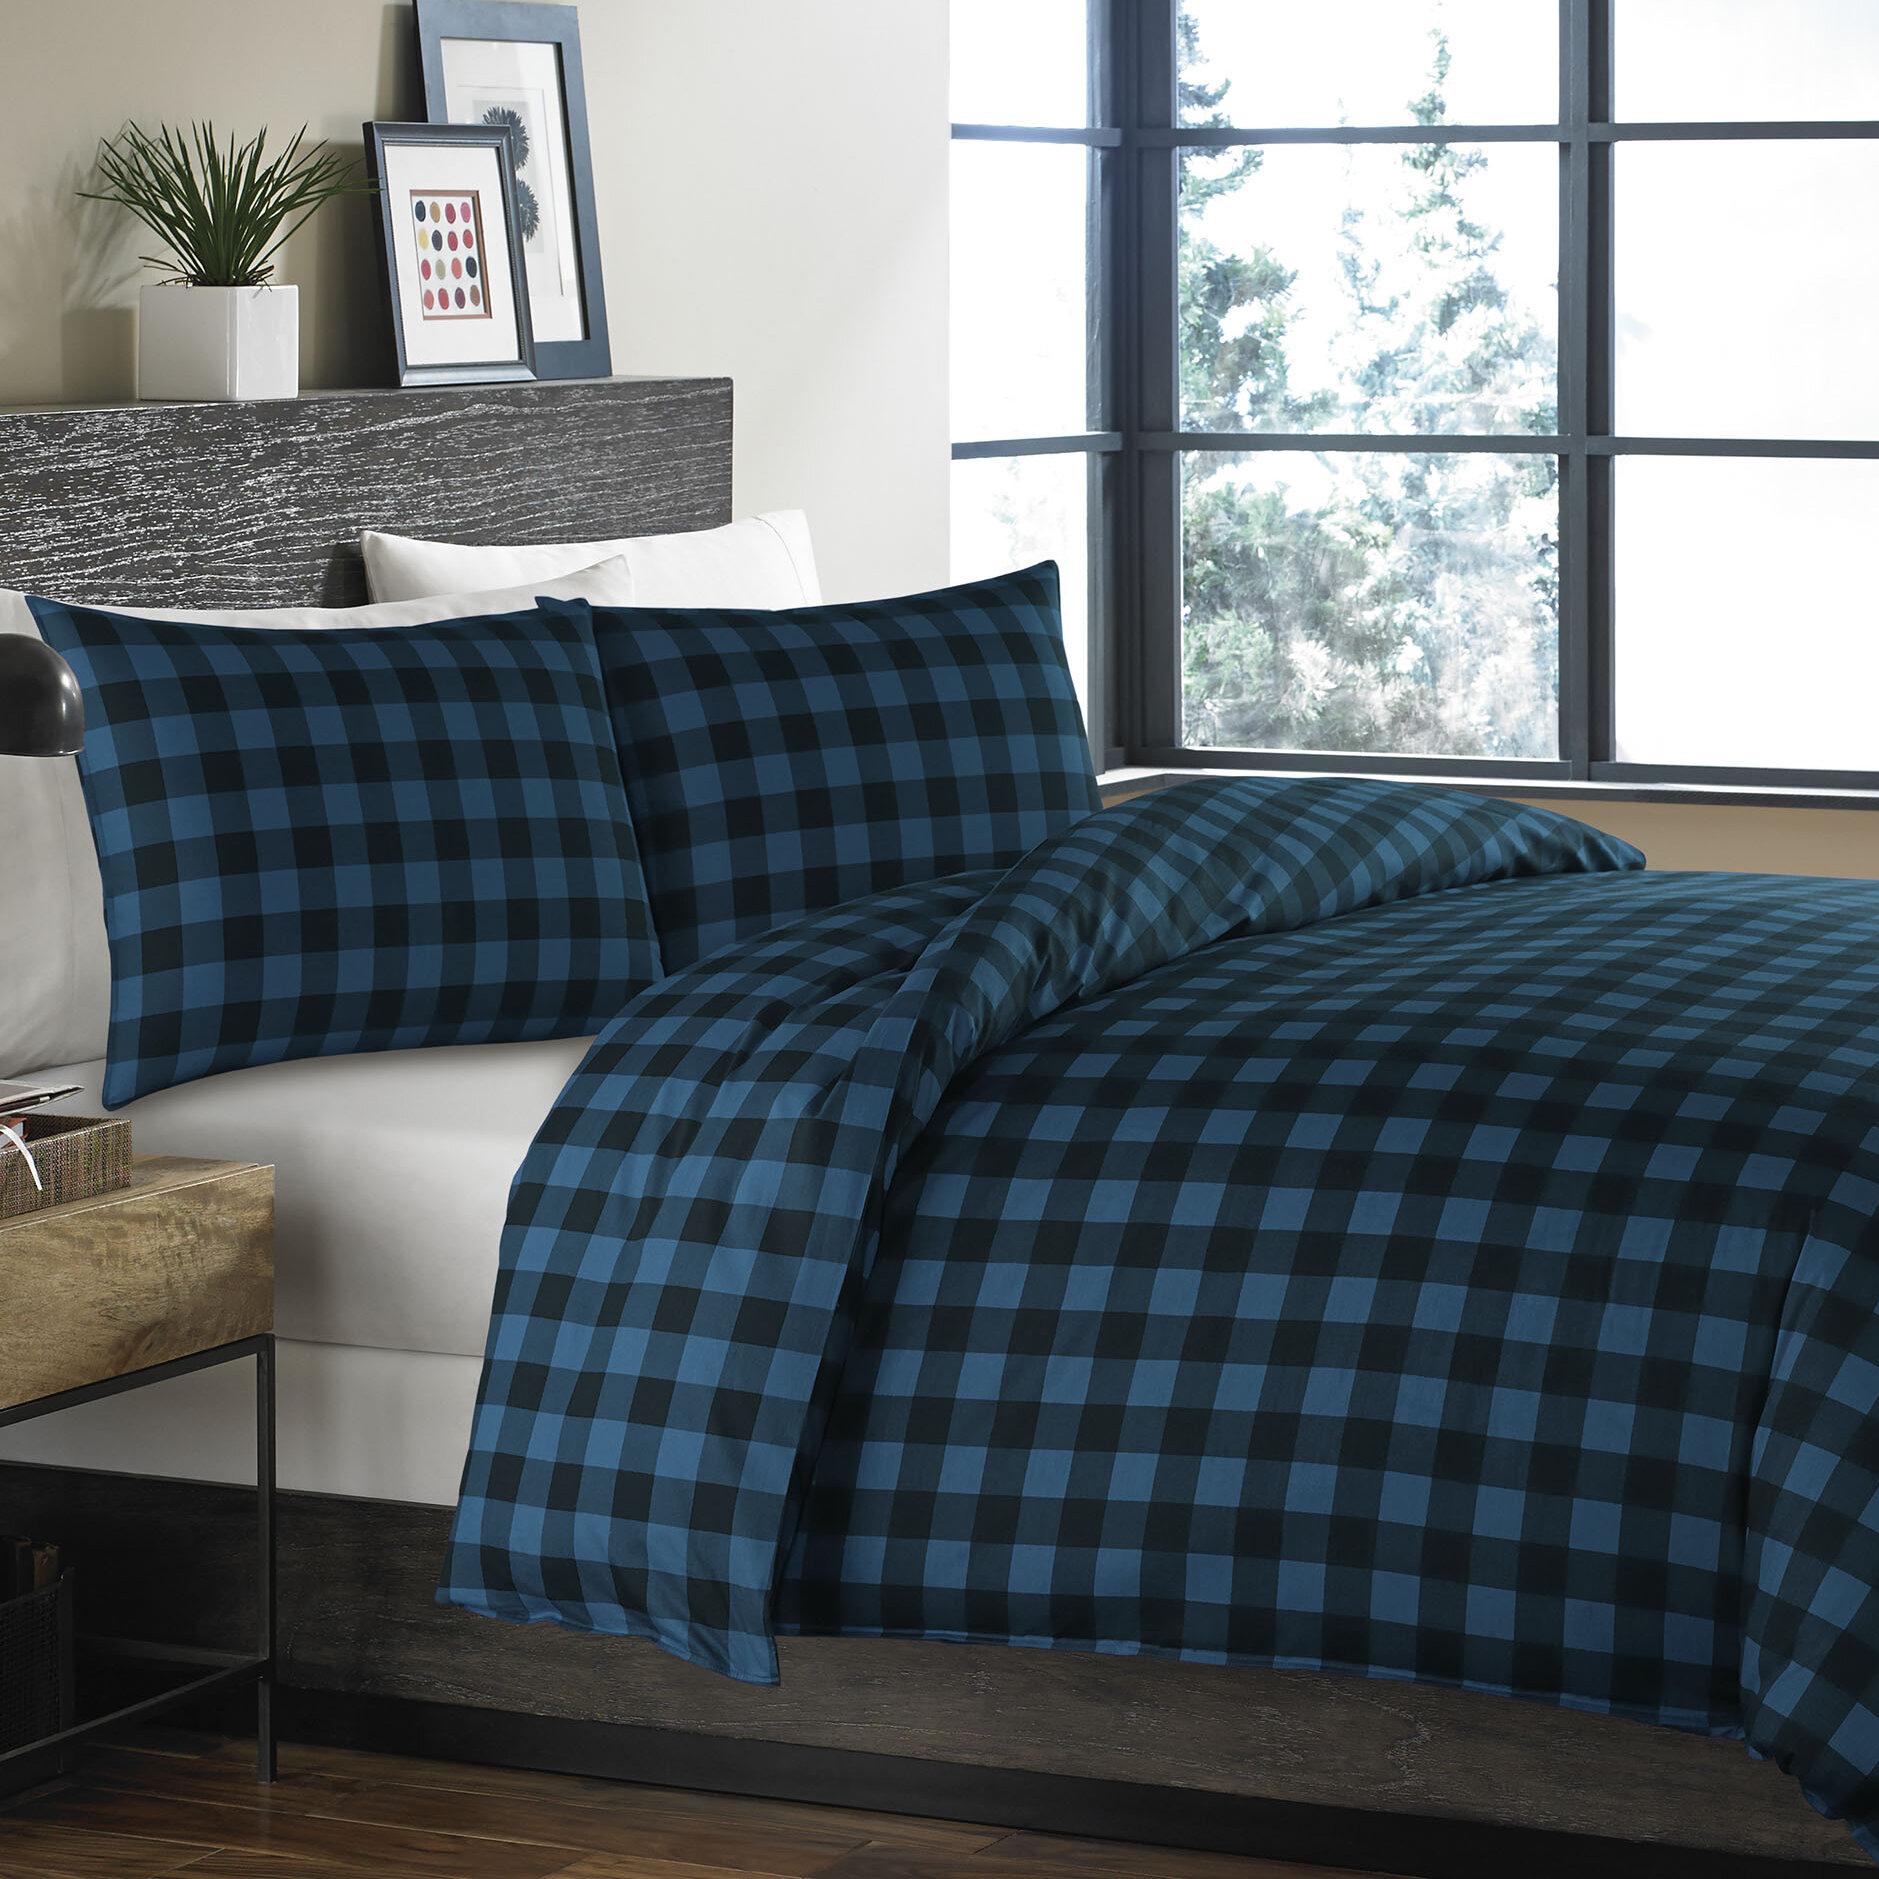 set flannel cotton asli bauer eddie aetherair co bed sheet bedding